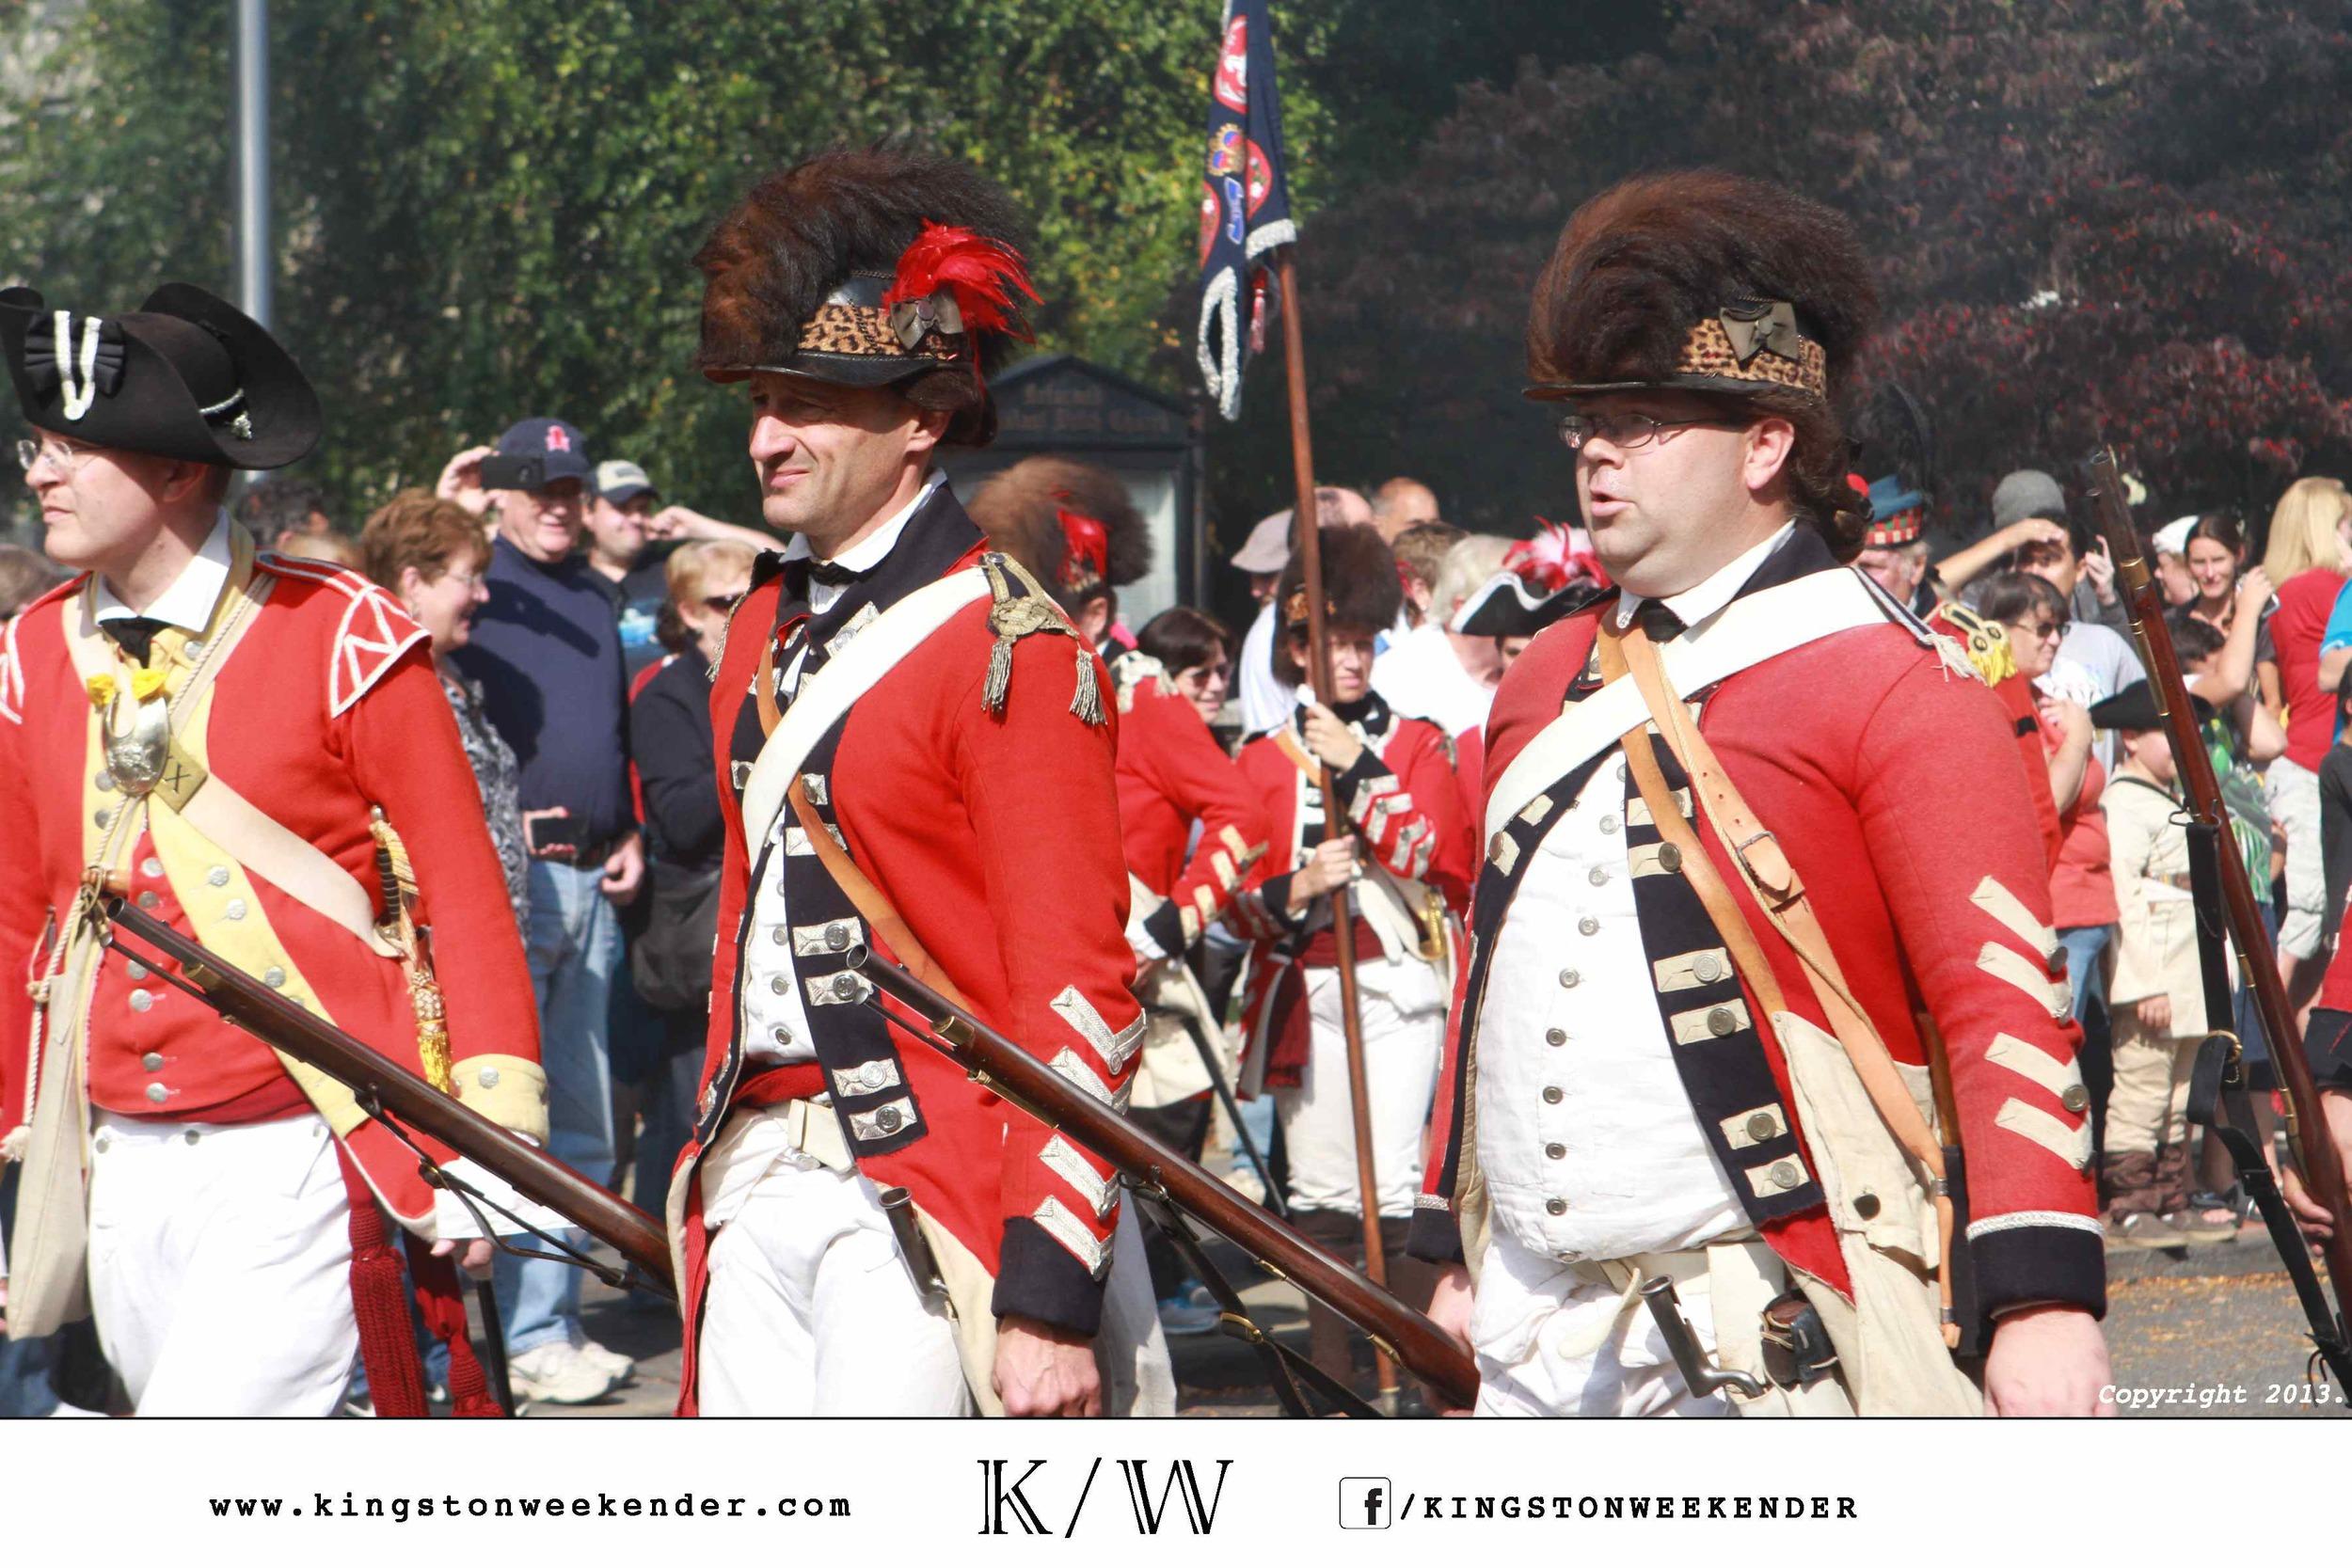 kingston-weekender-photo-credits31.jpg